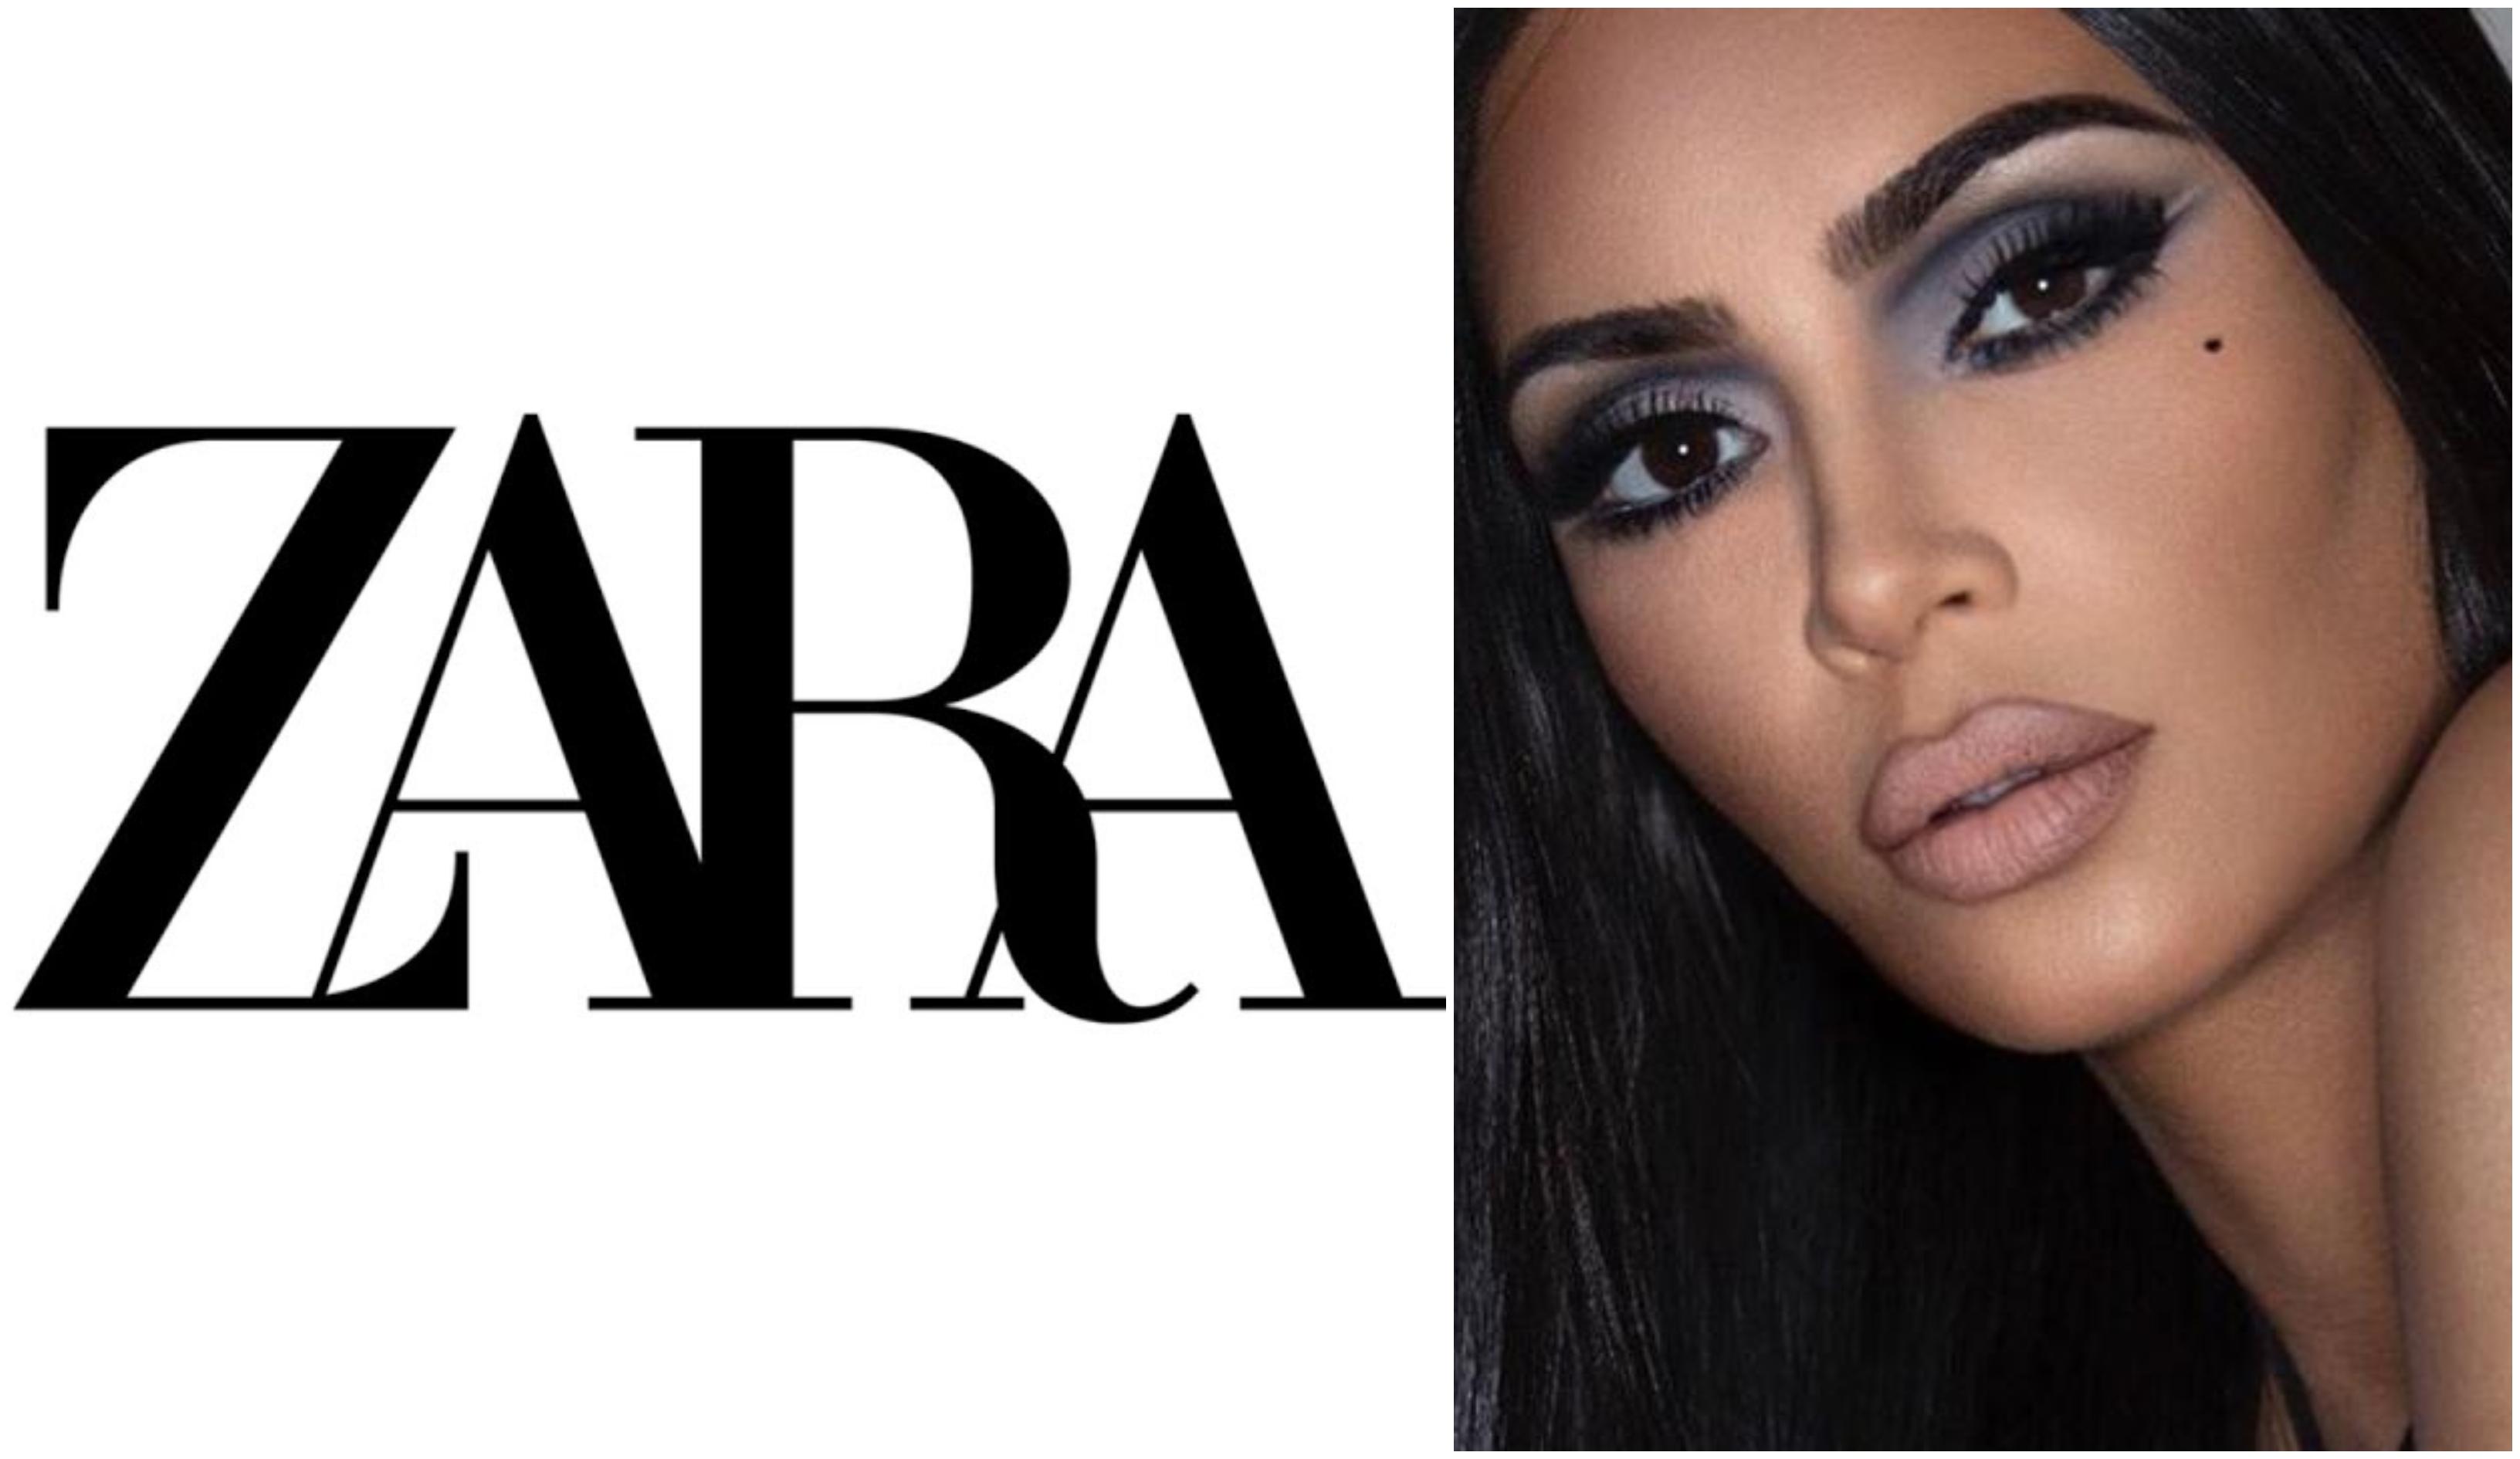 Zara arrasa haciéndole la competencia a Kim Kardashian y lanza tres prendas que hacen cuer-pa-zo